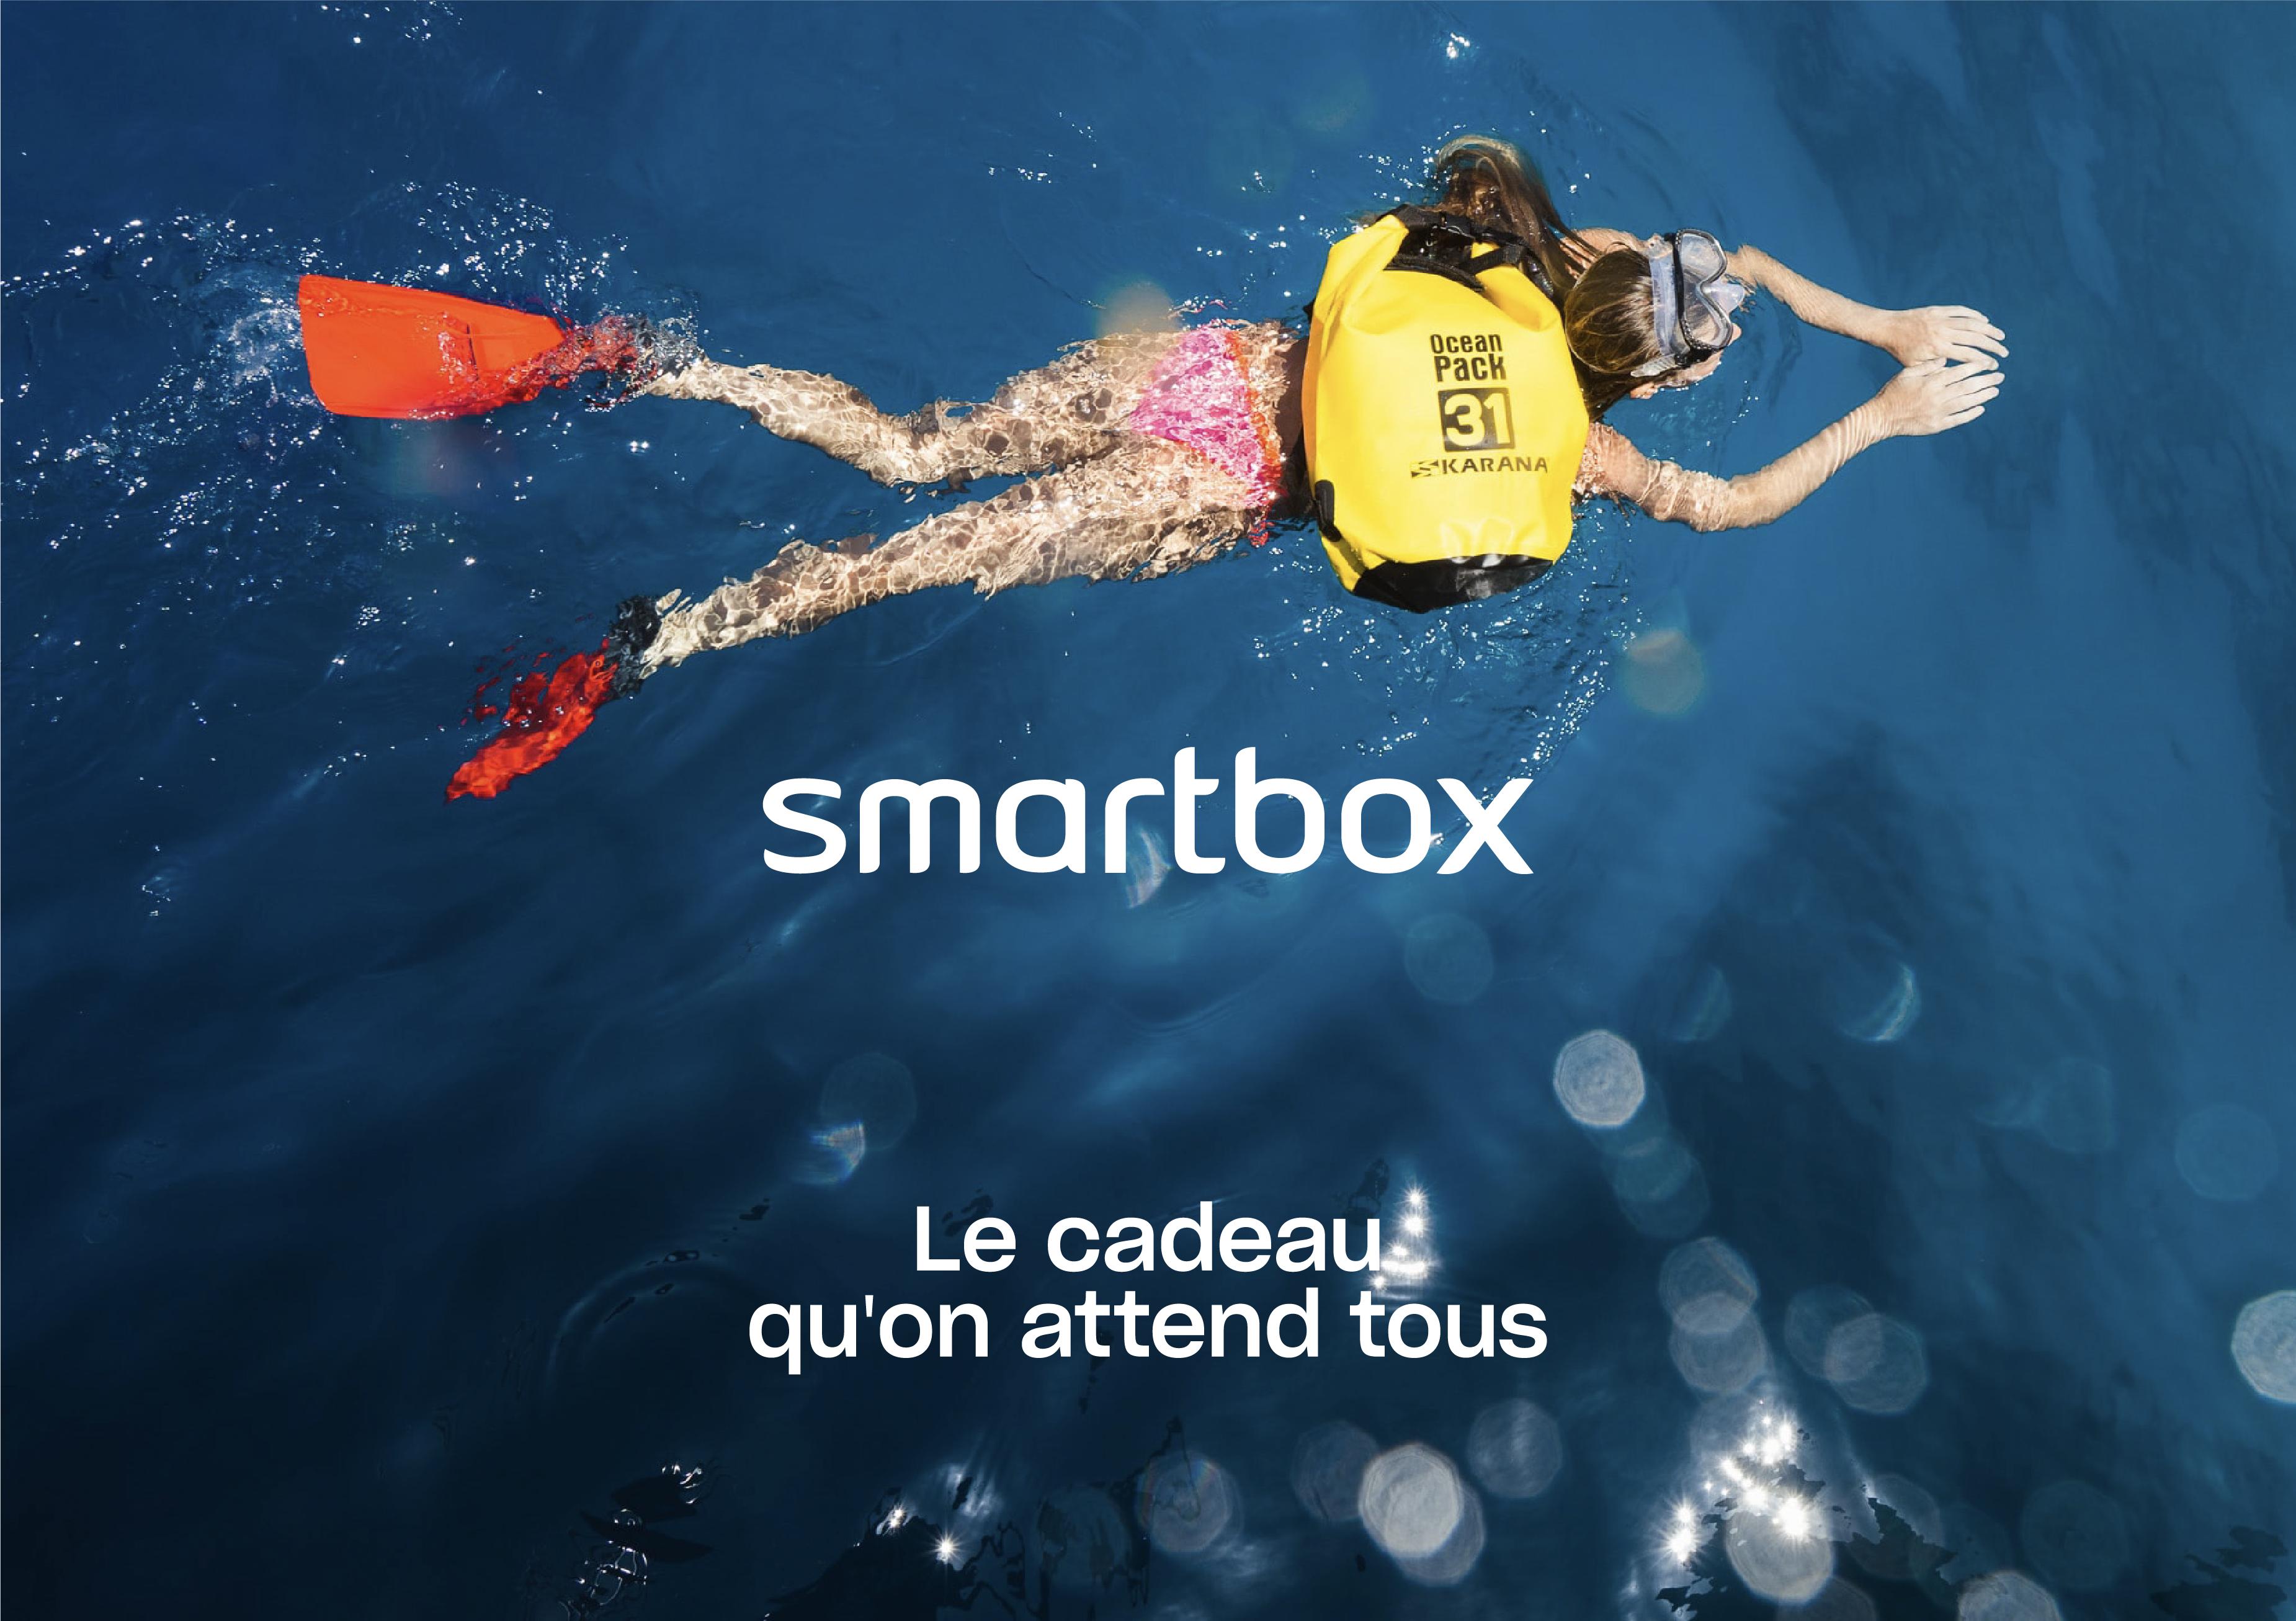 Smartbox campagne le cadeau qu'on attend tous